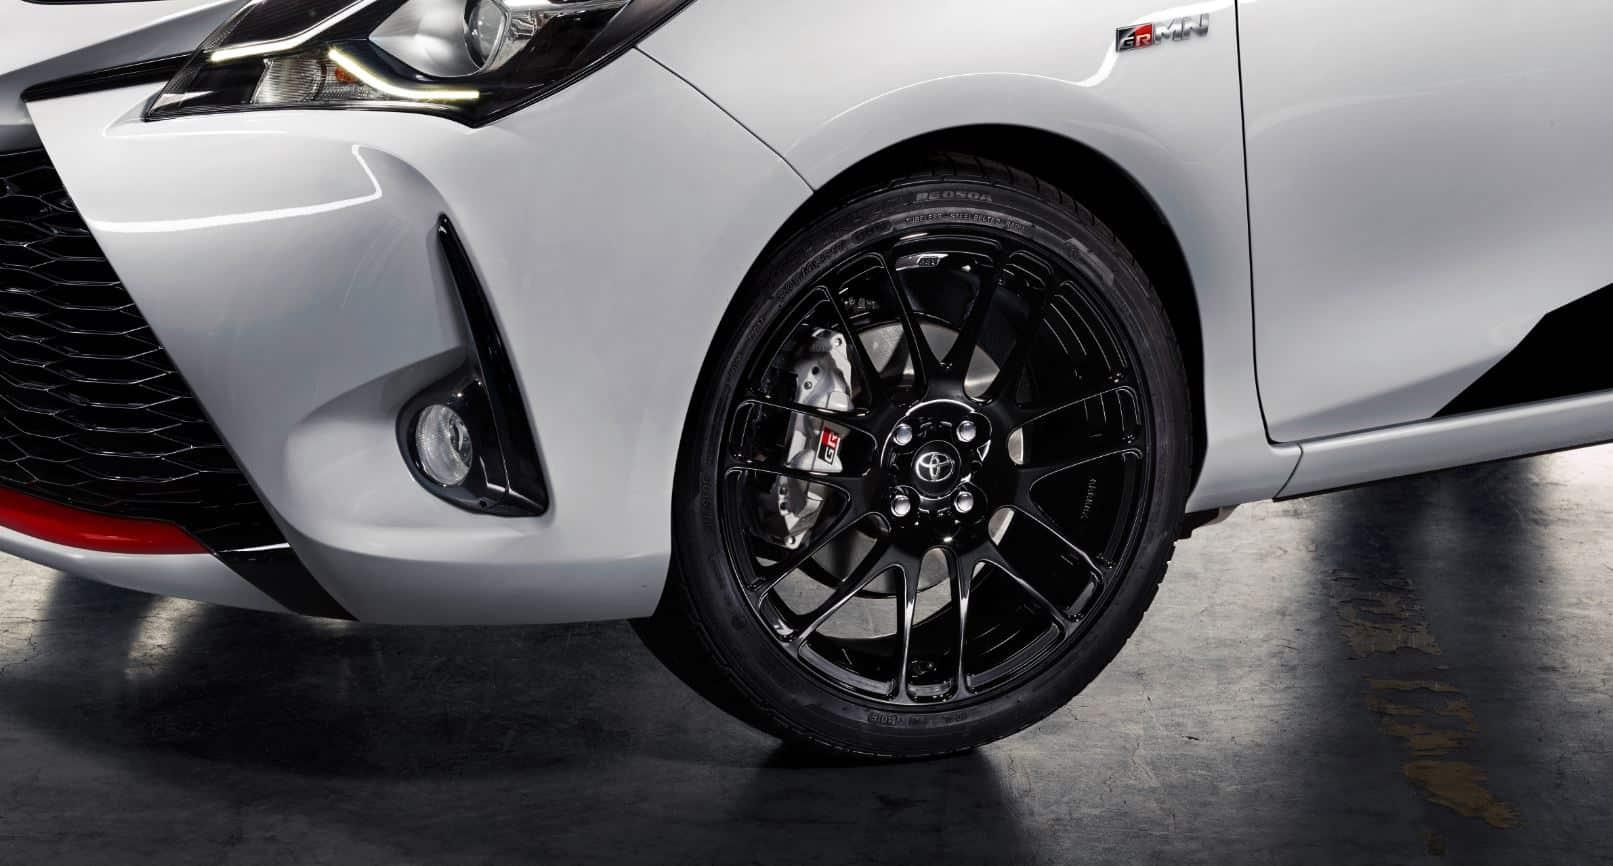 Toyota Yaris GRMN 8